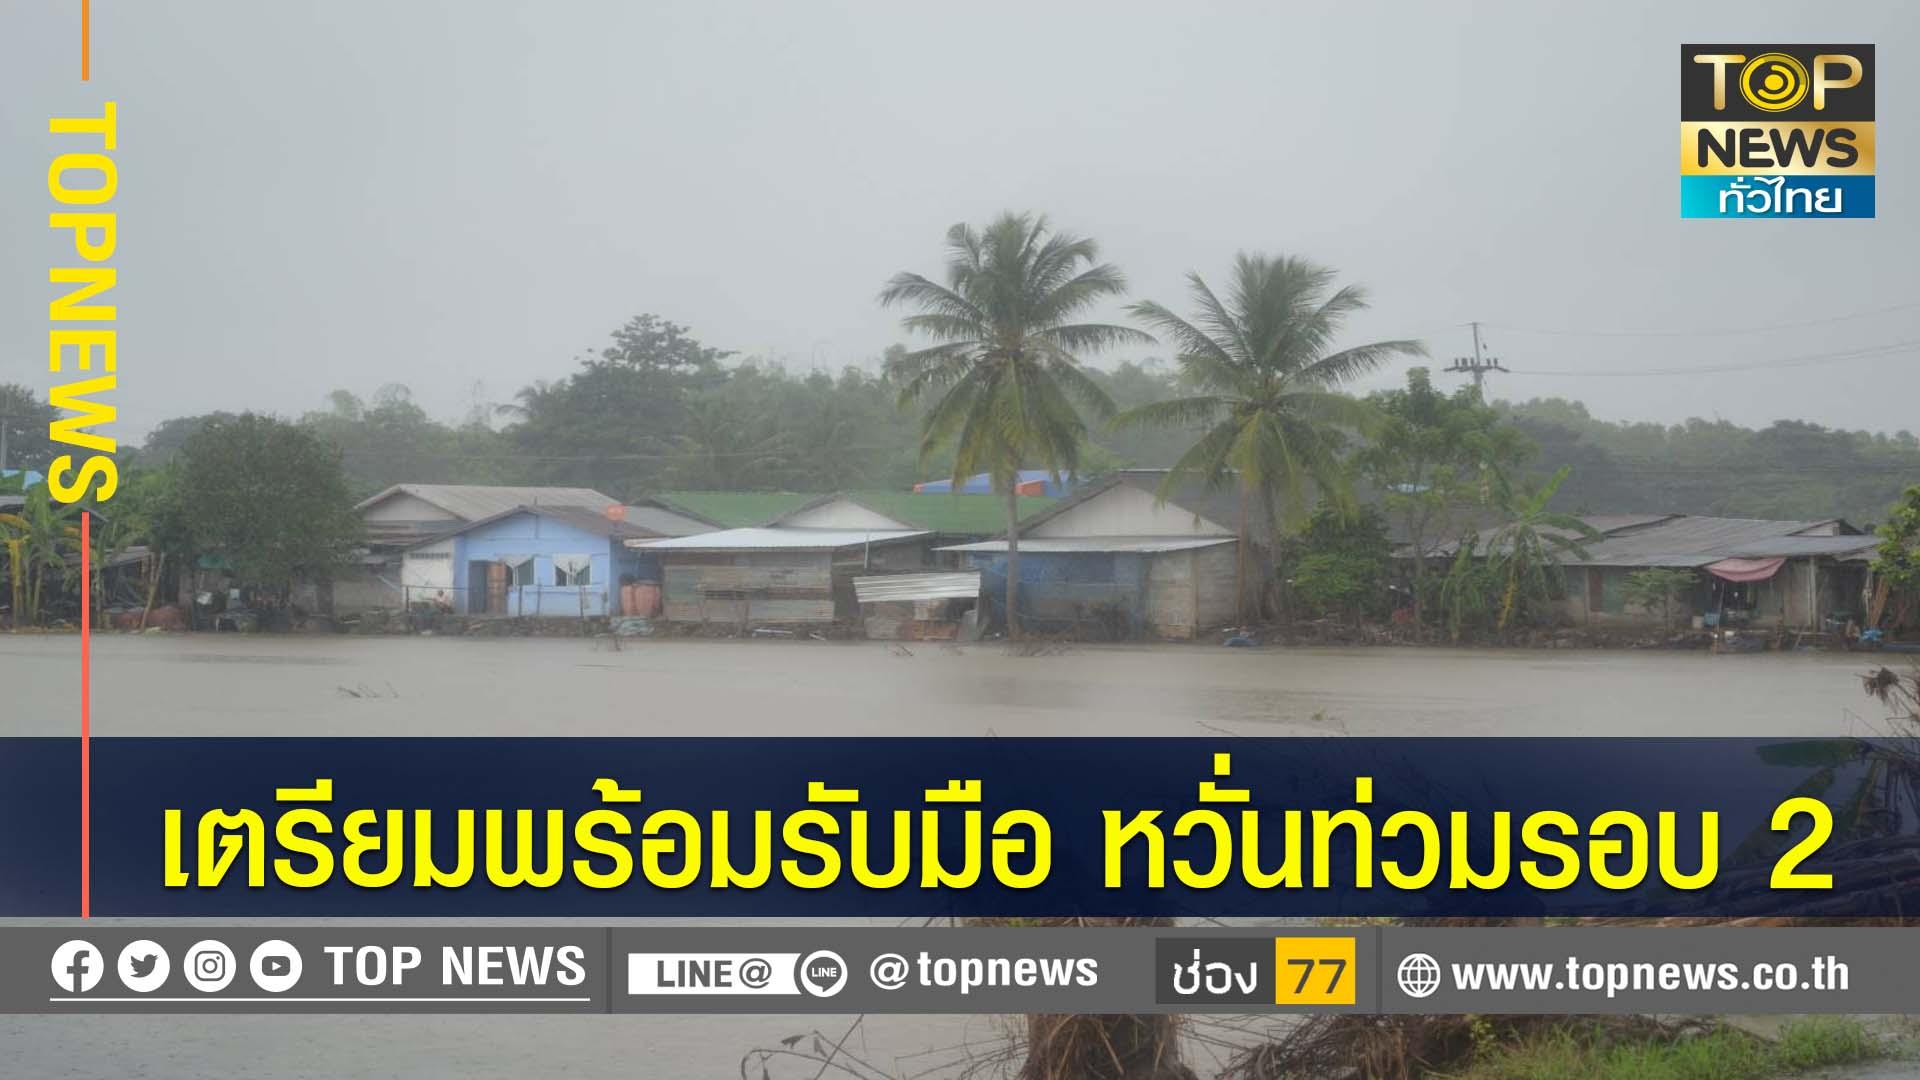 ชัยภูมิ ลำน้ำชีจ่อท่วมอีกเป็นรอบที่ 2 ล่าสุดมวลน้ำเอ่อล้นขึ้นบนถนนแล้ว